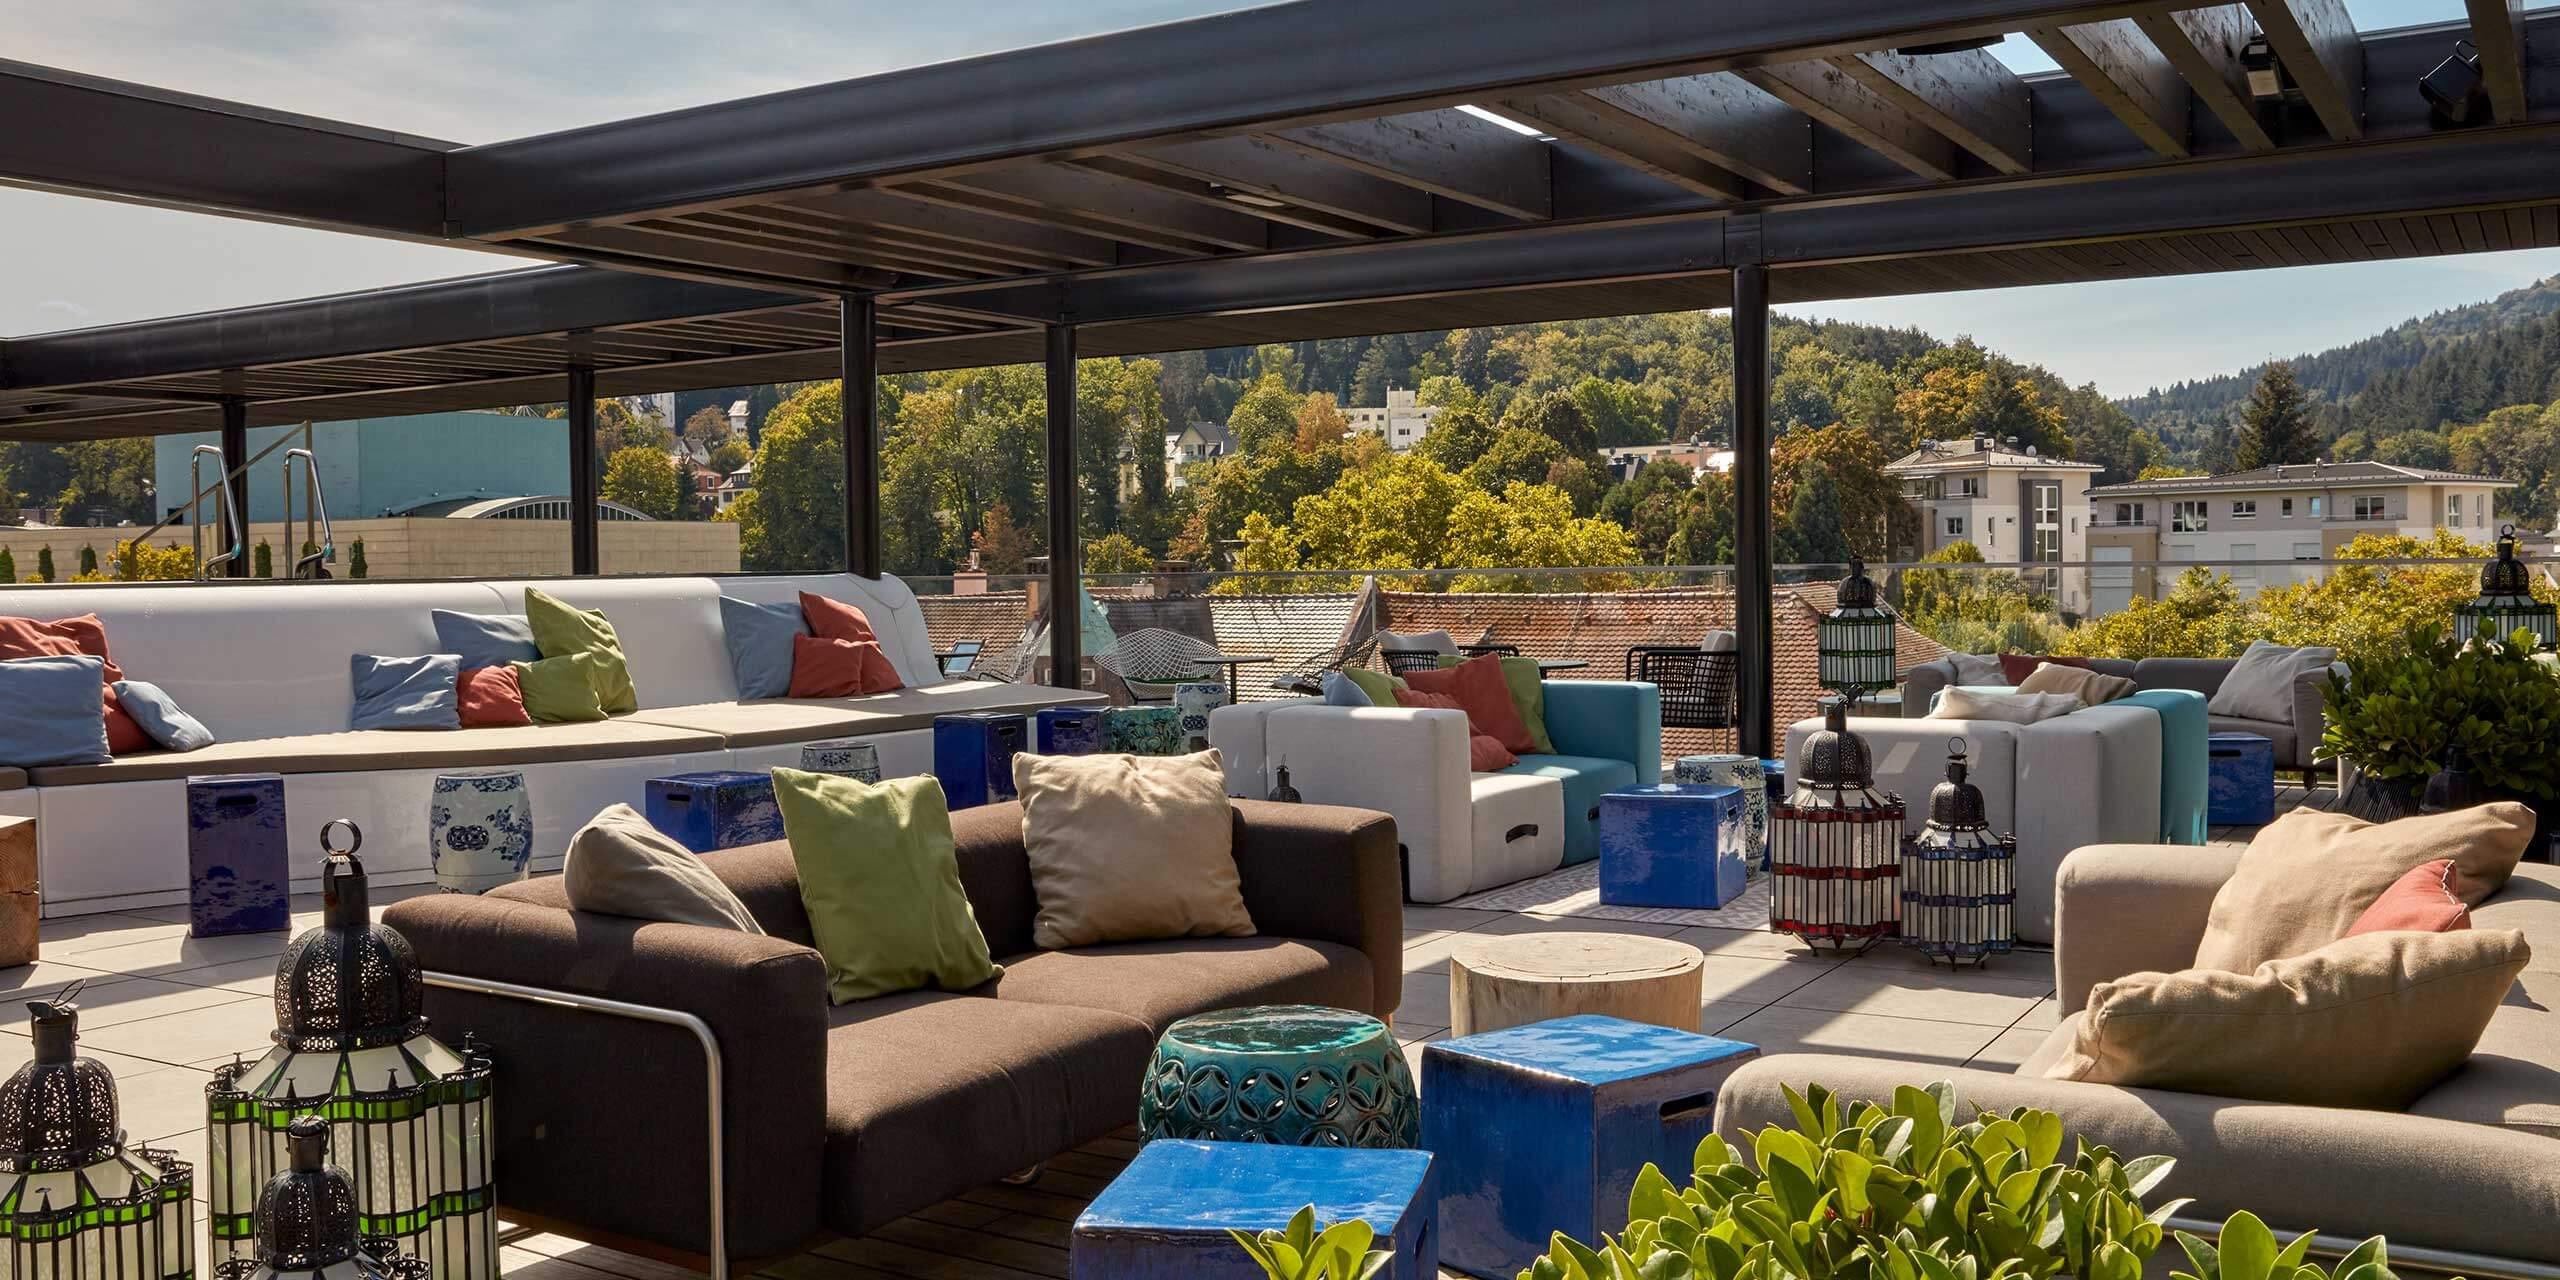 Roomers Baden-Baden Rooftop Bar